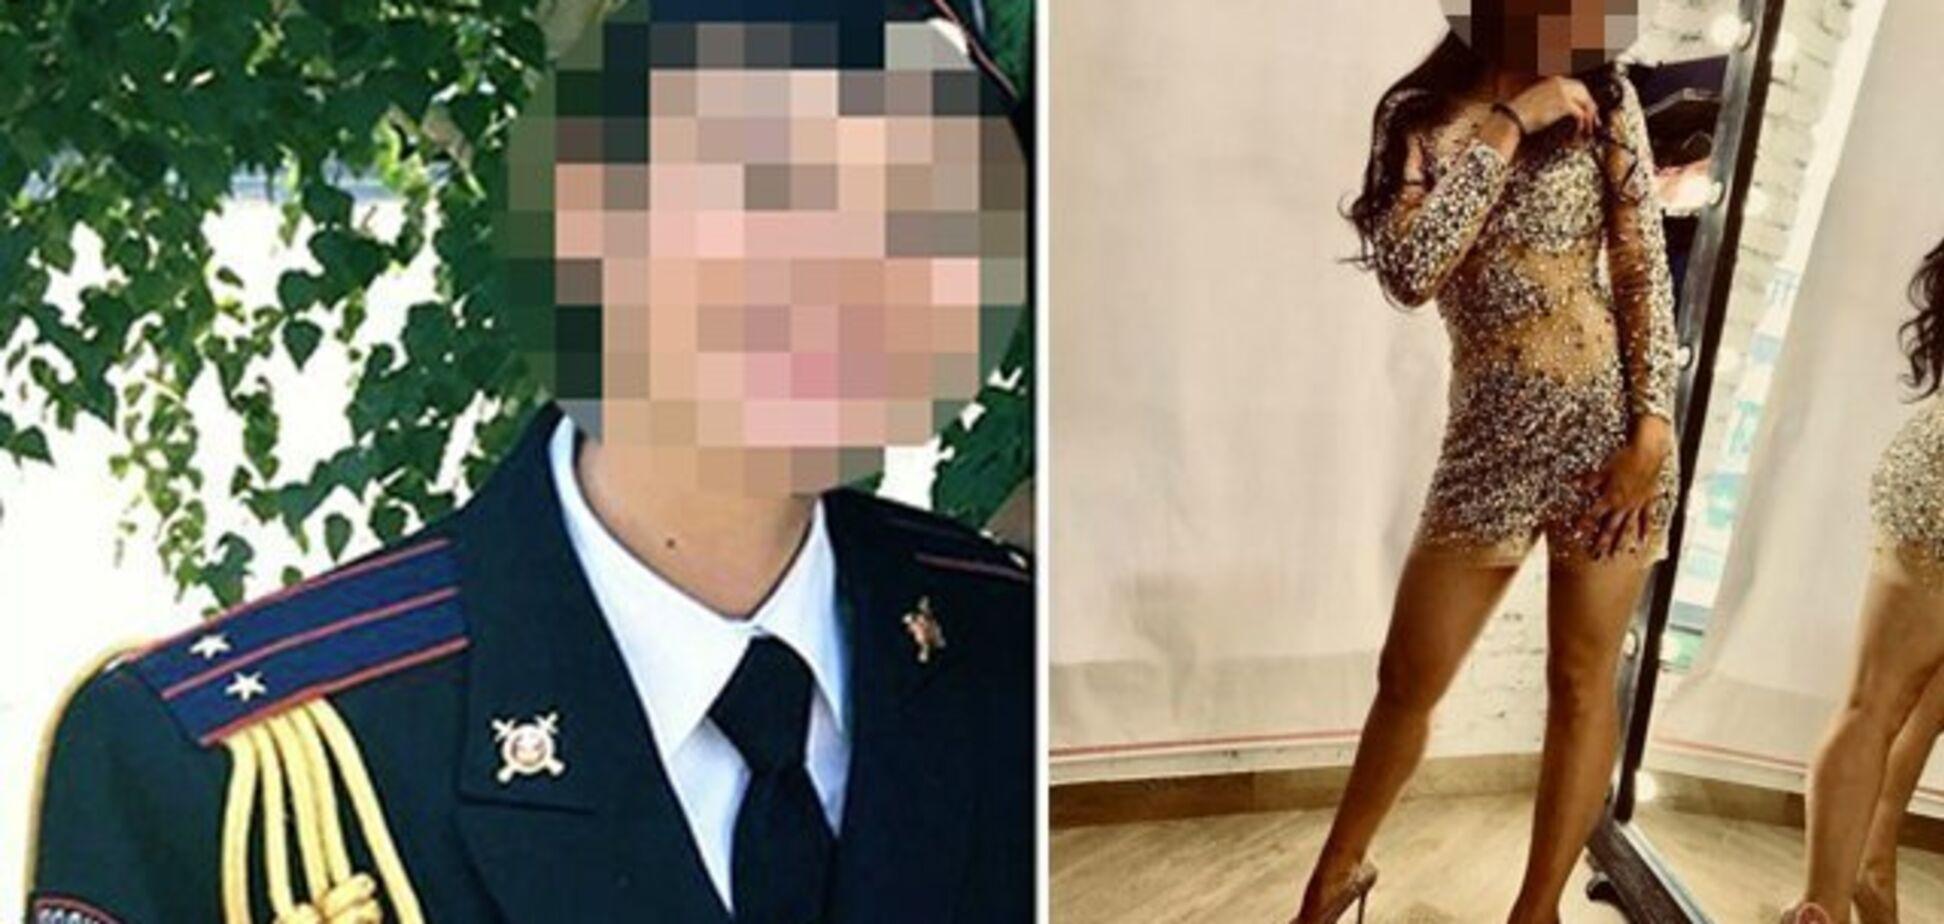 Групповое изнасилование полицейской в России: дело получило неожиданную развязку